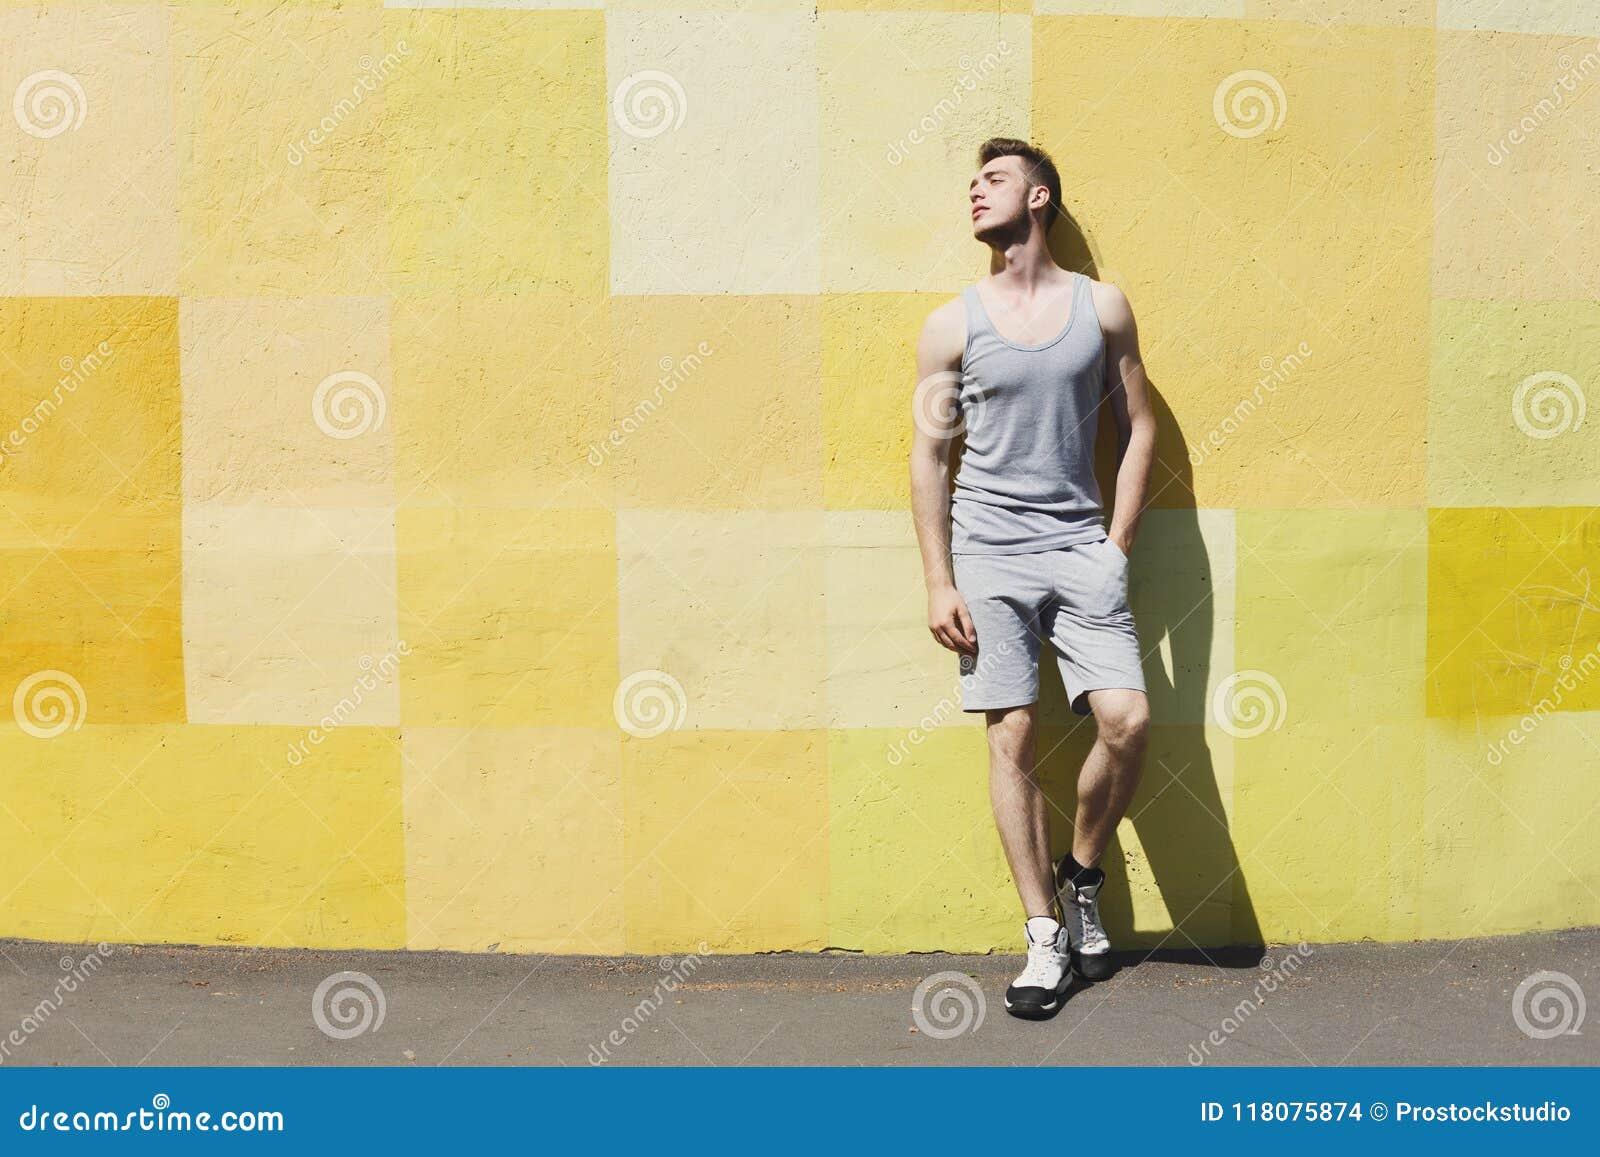 Mannläufer hat den Bruch und lehnt sich an der gelben Wand